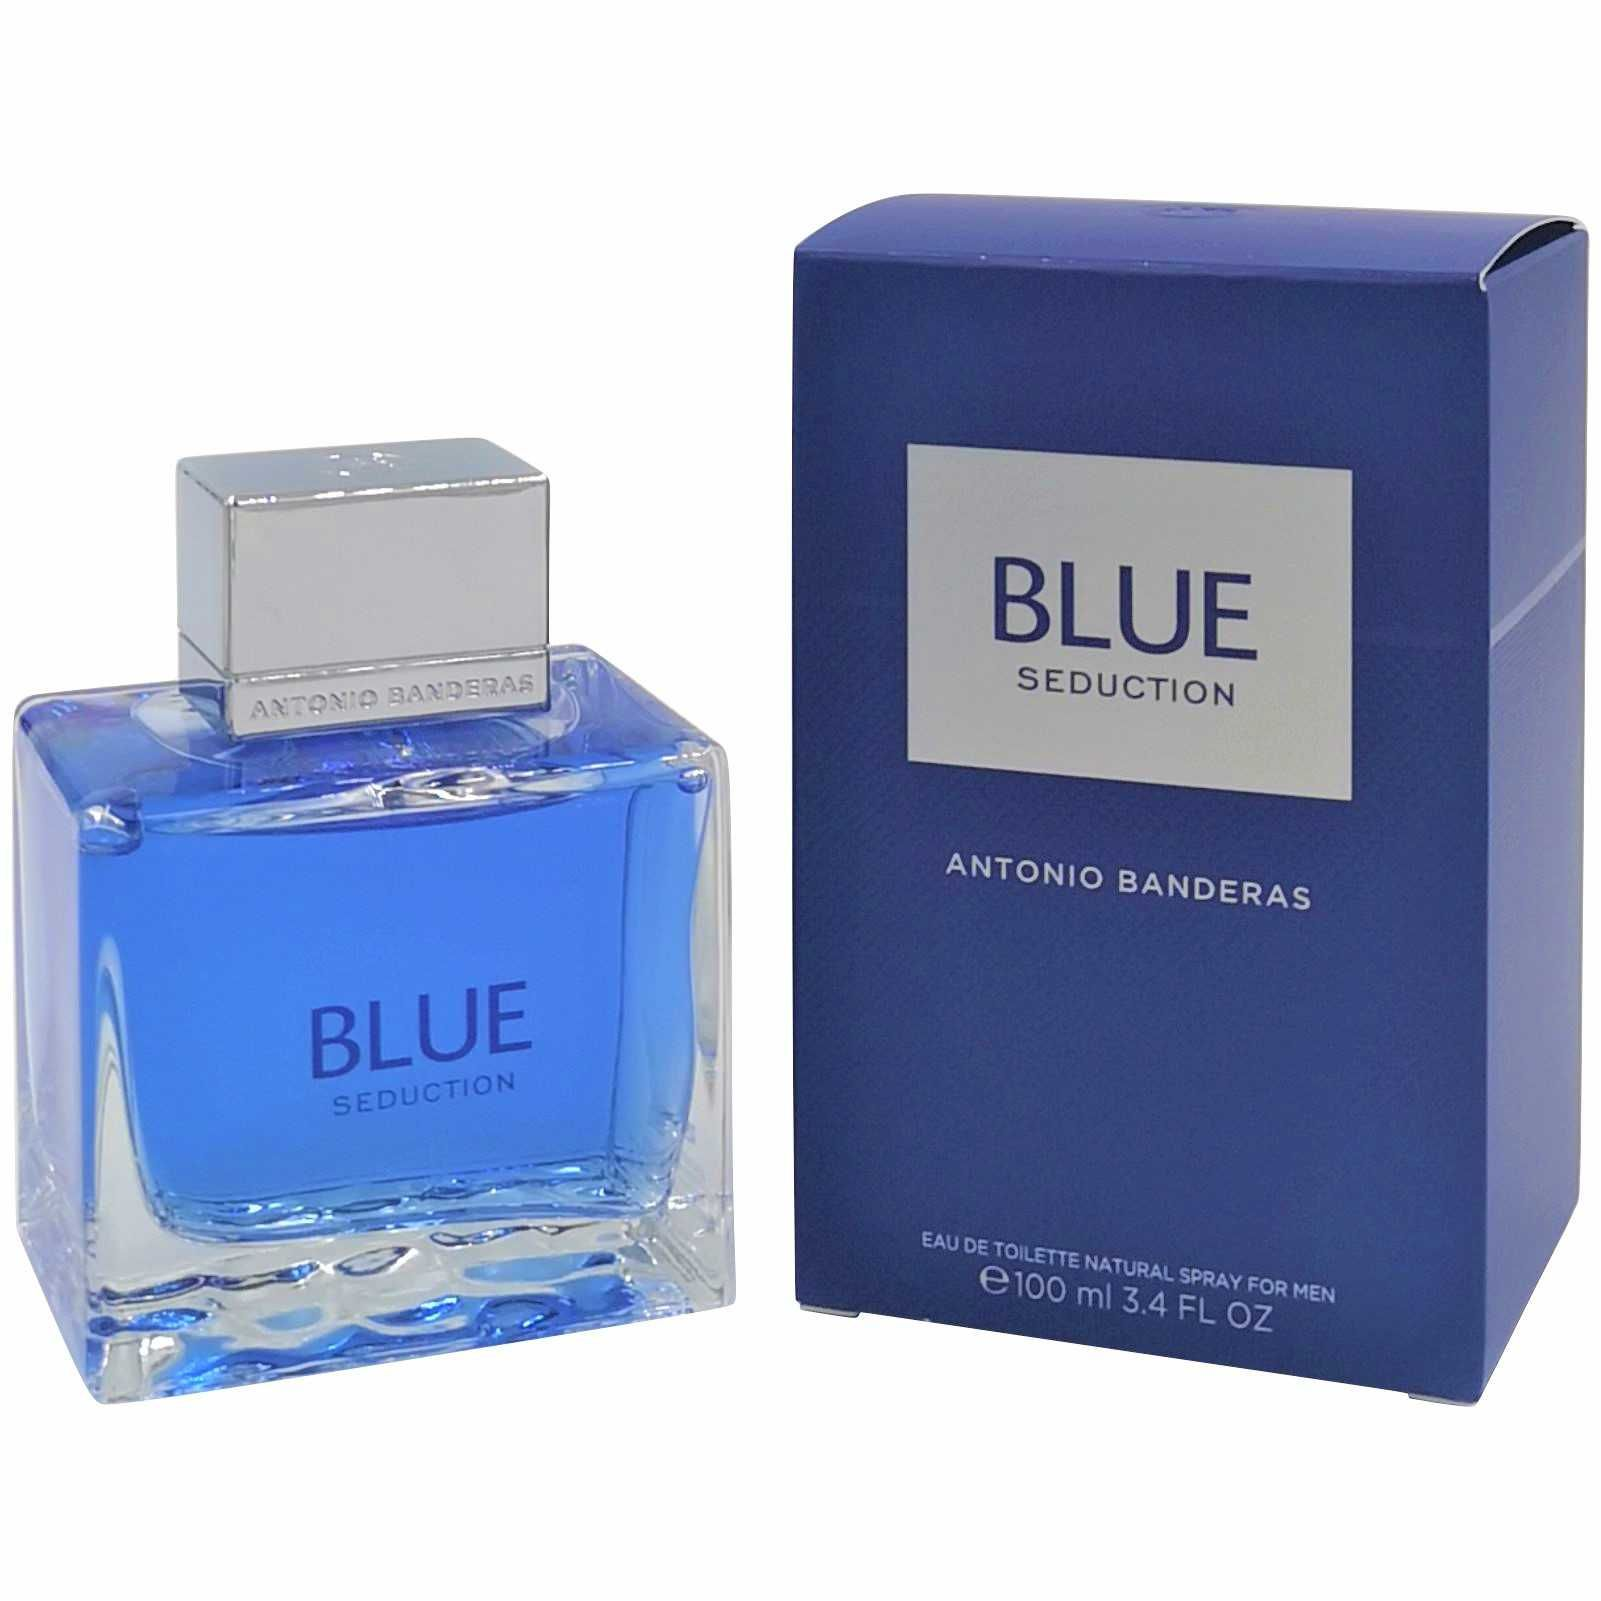 Perfumy   Antonio Banderas   Blue Seduction   100 ml   edt